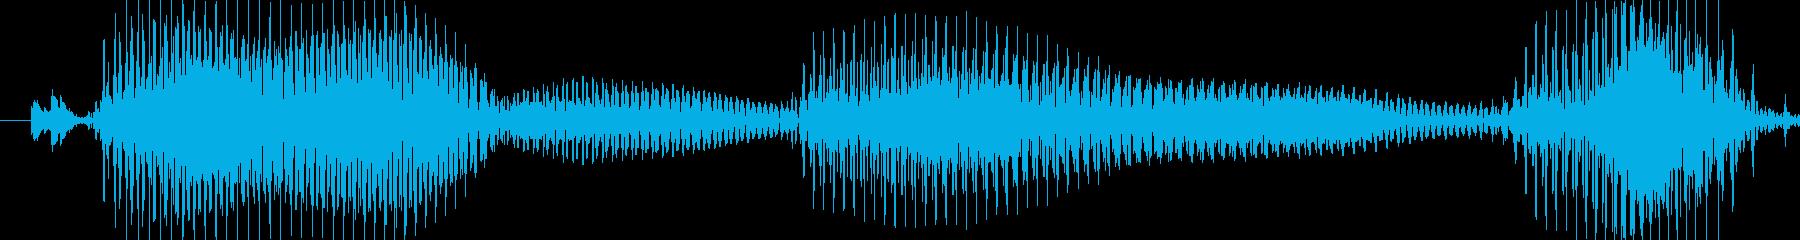 こんばんは!の再生済みの波形